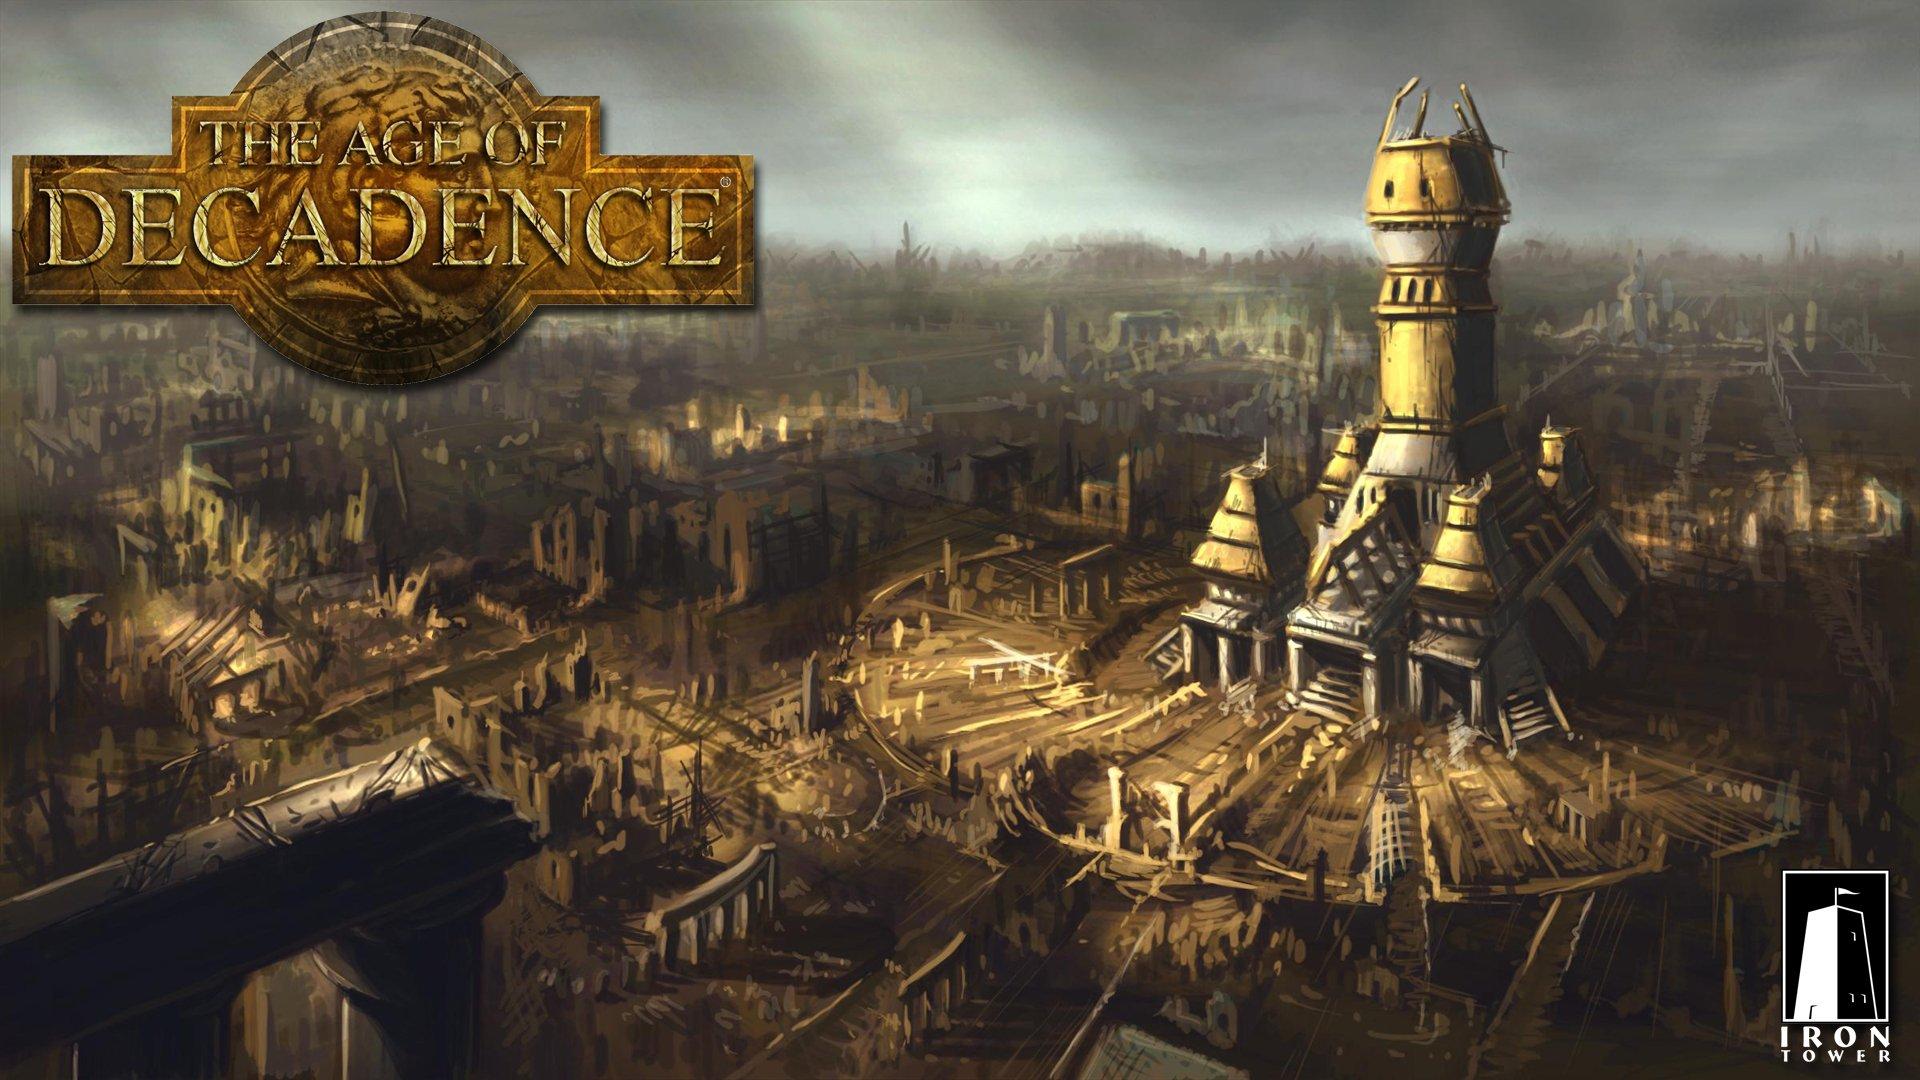 [The Age of Decadence] Фанатик и его RPG. Часть 3, заключительная. - Изображение 1